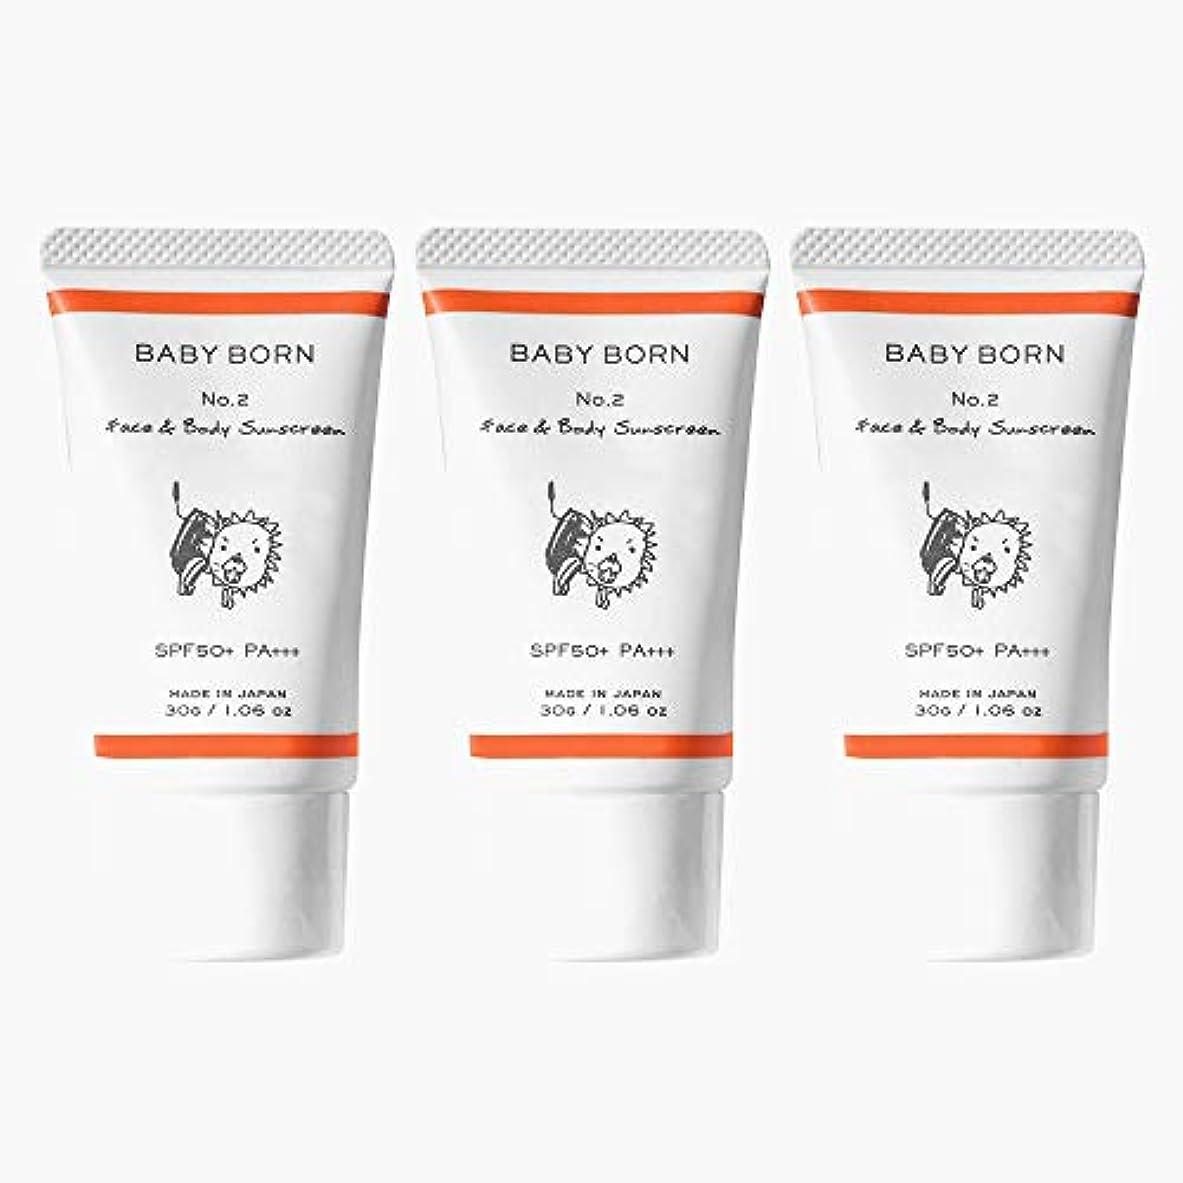 魅力多分認証日焼け止め 赤ちゃんや子どもにも使えるBABY BORN(ベビーボーン) Face&Body Sunscreen 3個セット 日焼け止め UV ケア 東原亜希 高橋ミカ 共同開発 SPF50+/PA++++